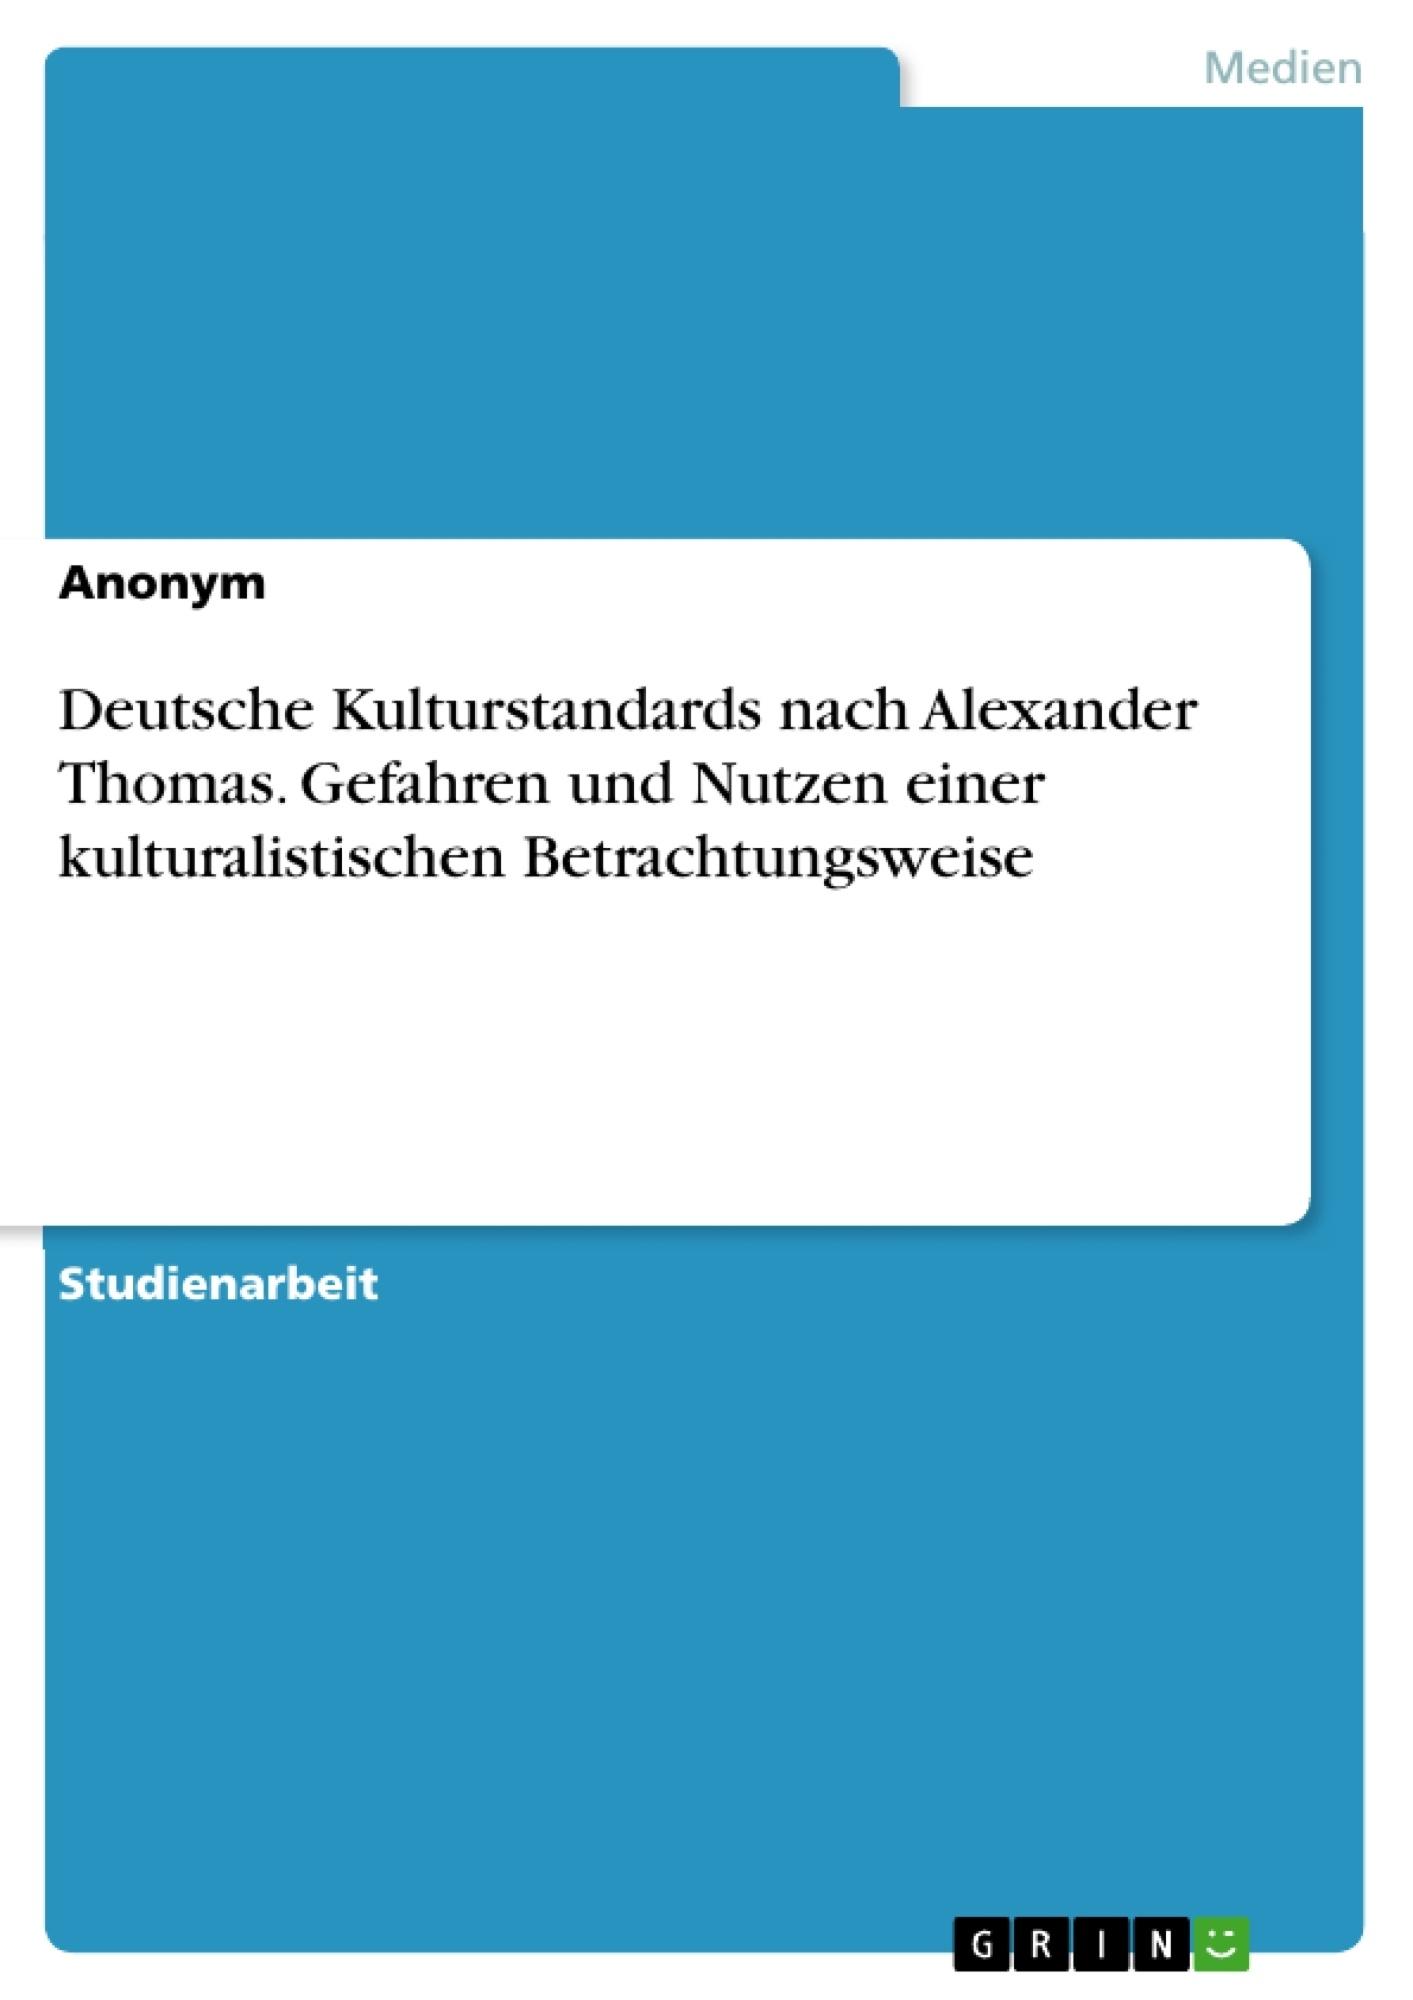 Titel: Deutsche Kulturstandards nach Alexander Thomas. Gefahren und Nutzen einer kulturalistischen Betrachtungsweise